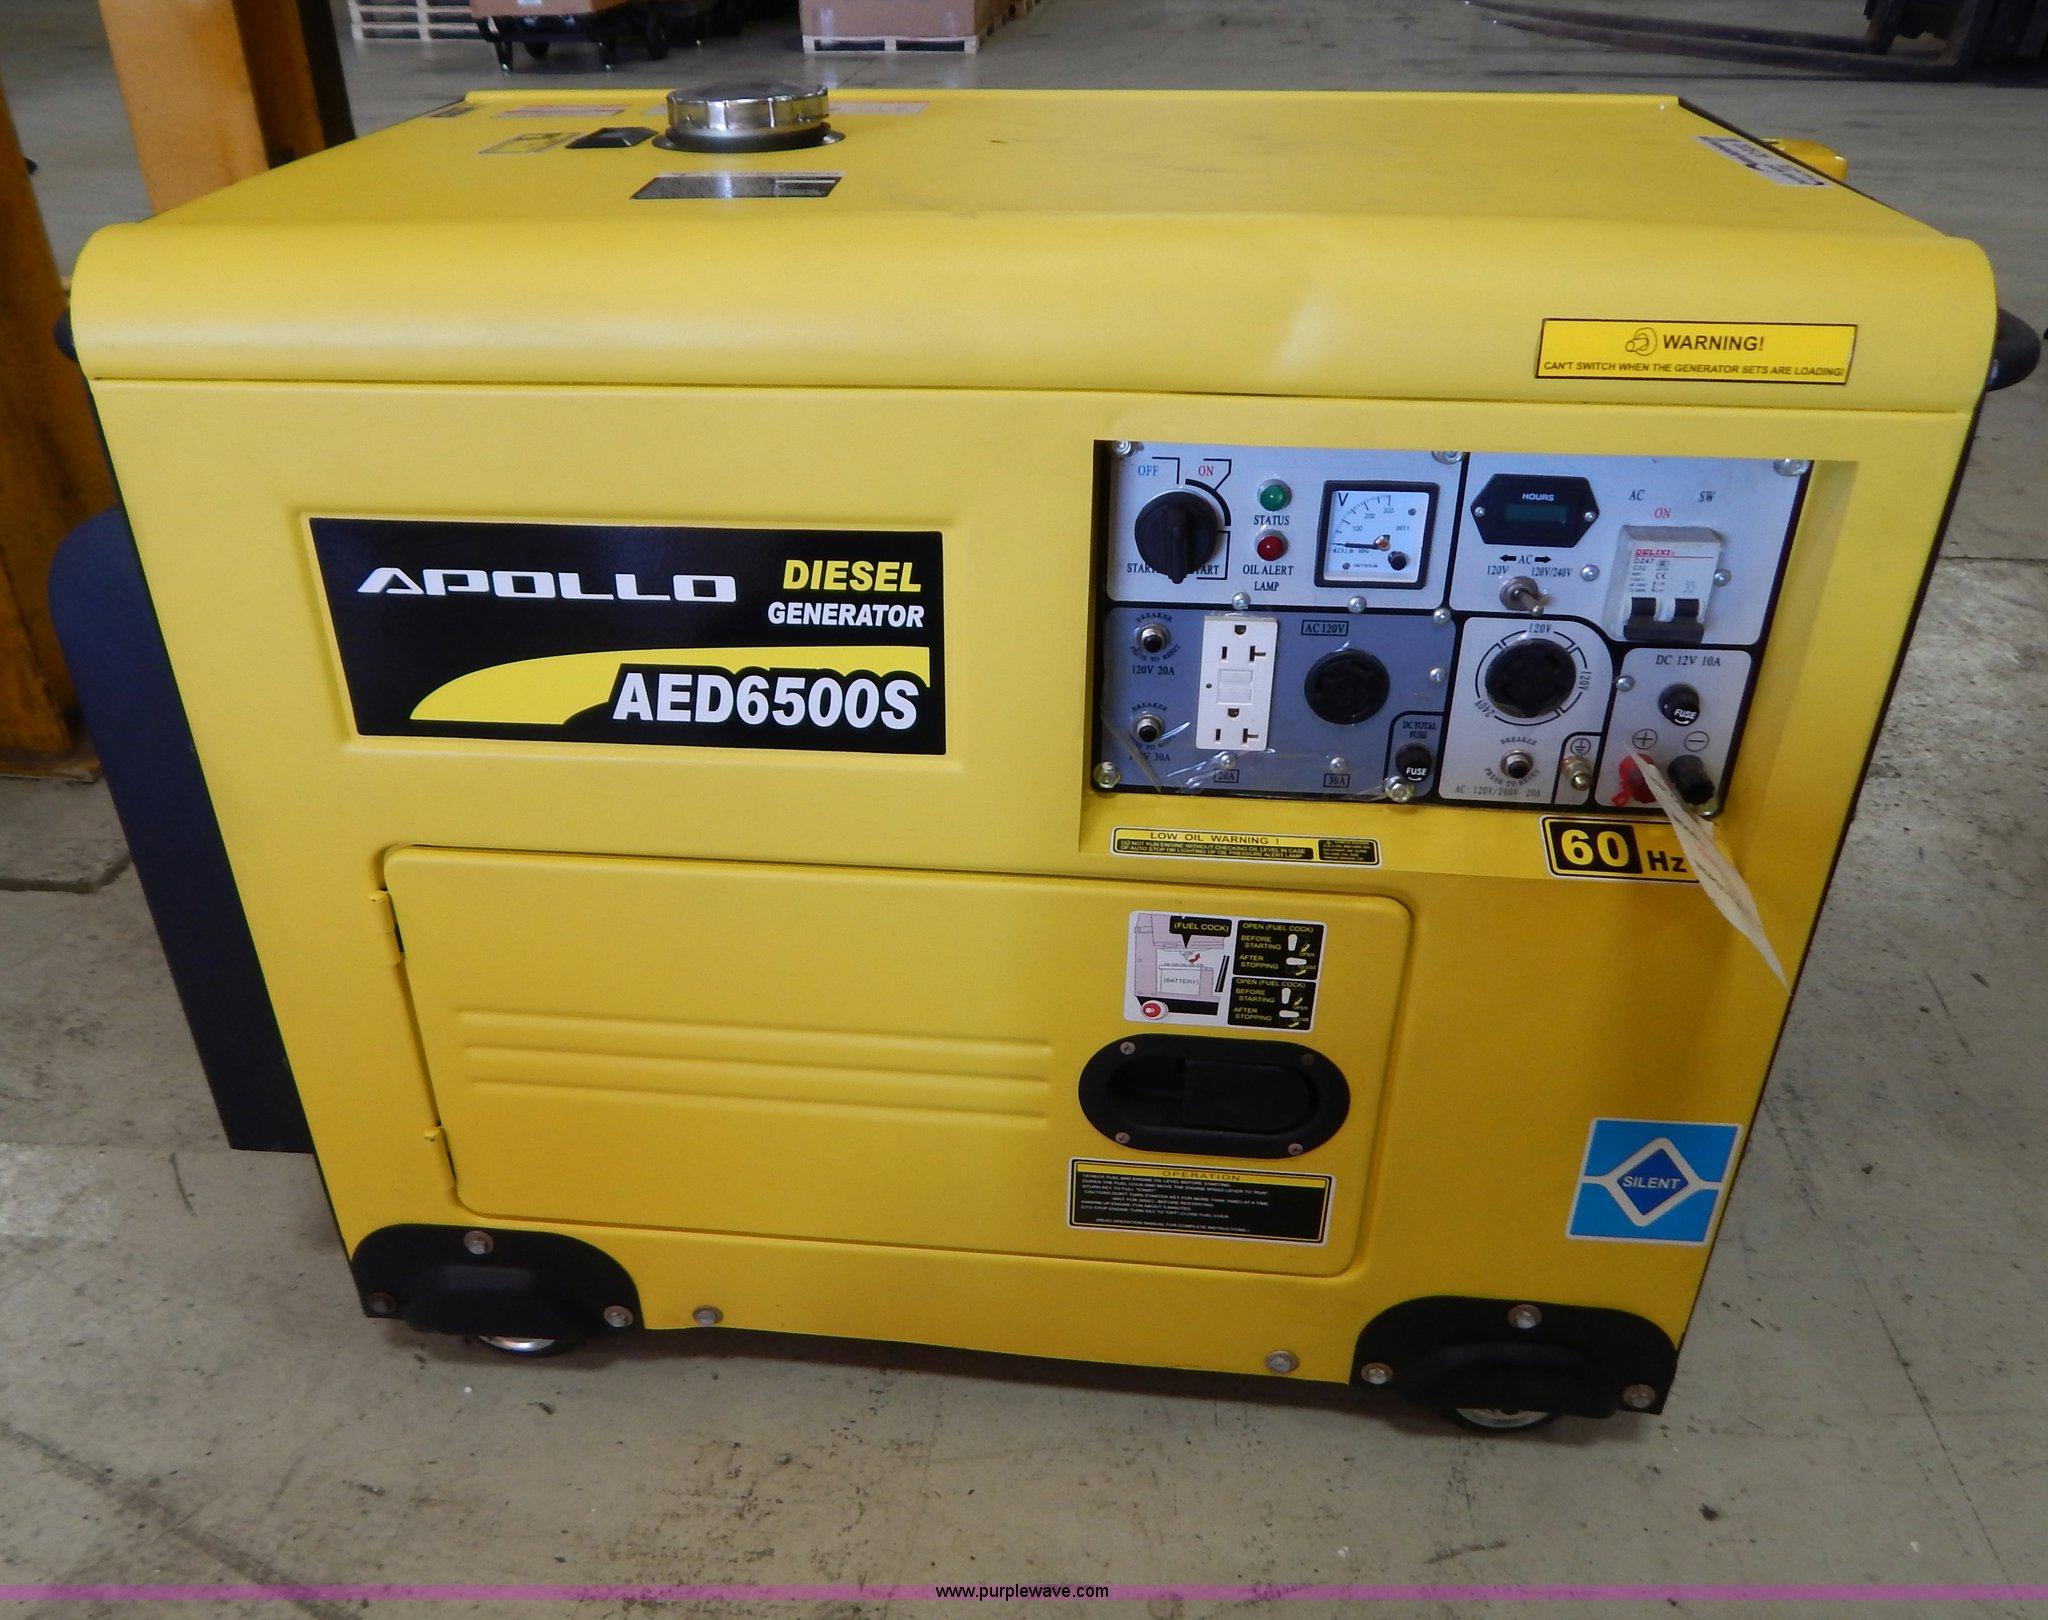 Apollo AED6500S generator Item AO9232